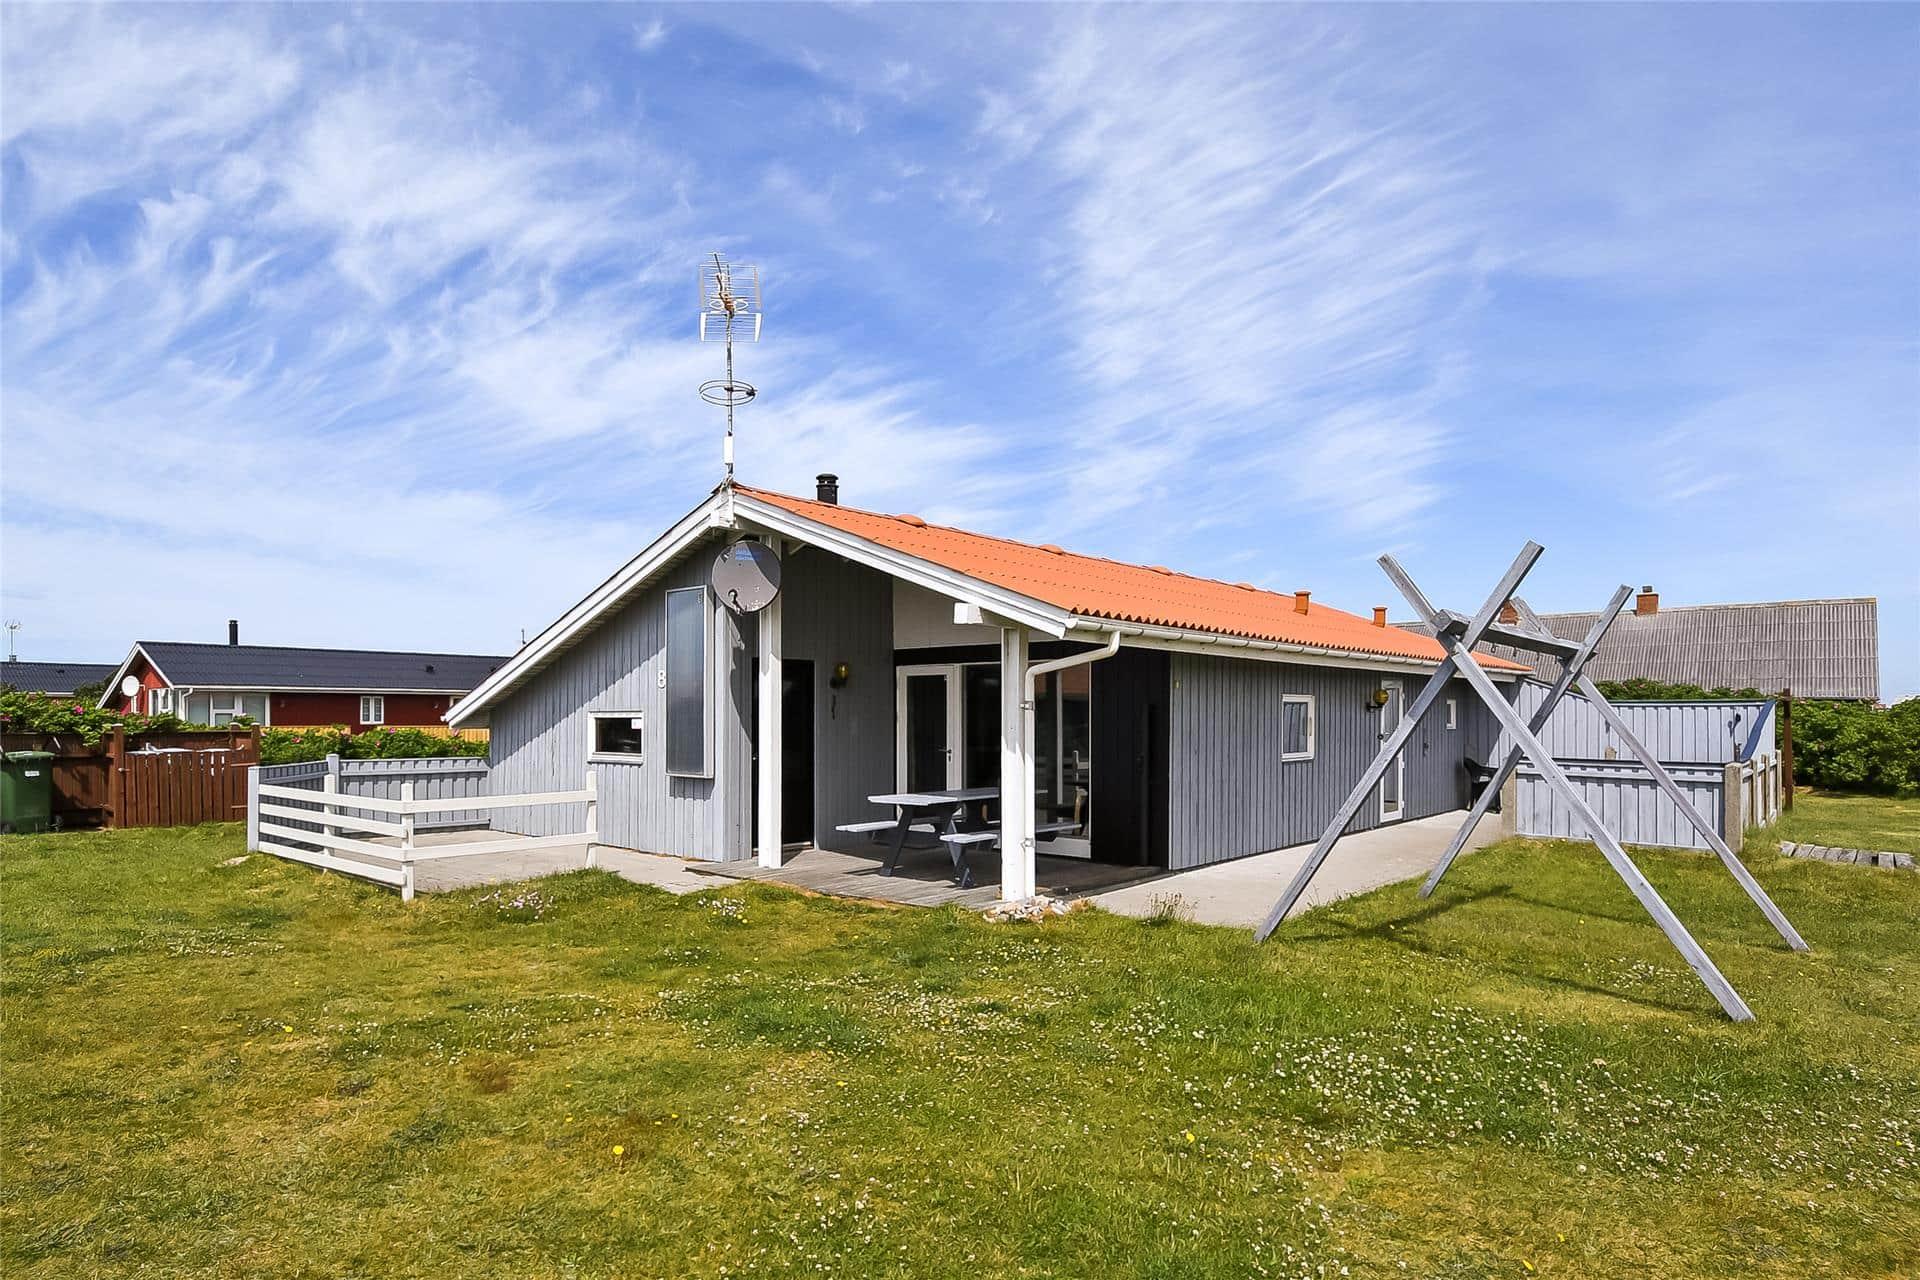 Billede 1-20 Sommerhus 134, Karolinevej 8, DK - 7673 Harboøre